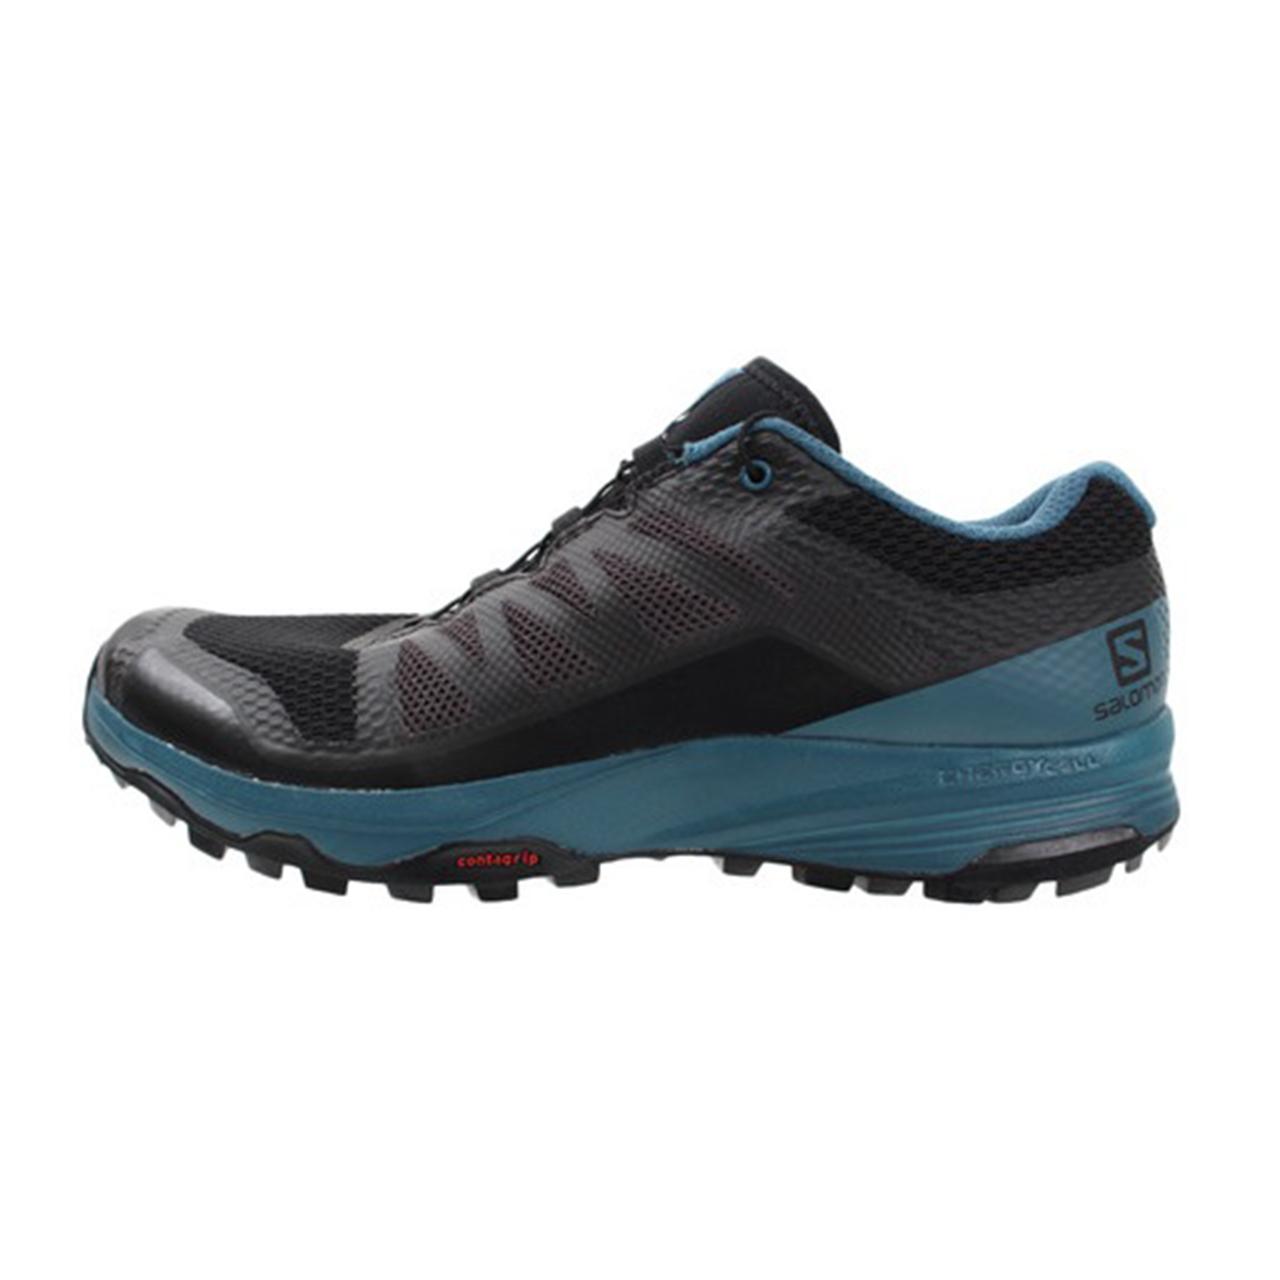 قیمت کفش مخصوص پیاده روی مردانه سالومون مدل 406619 MIRACLE